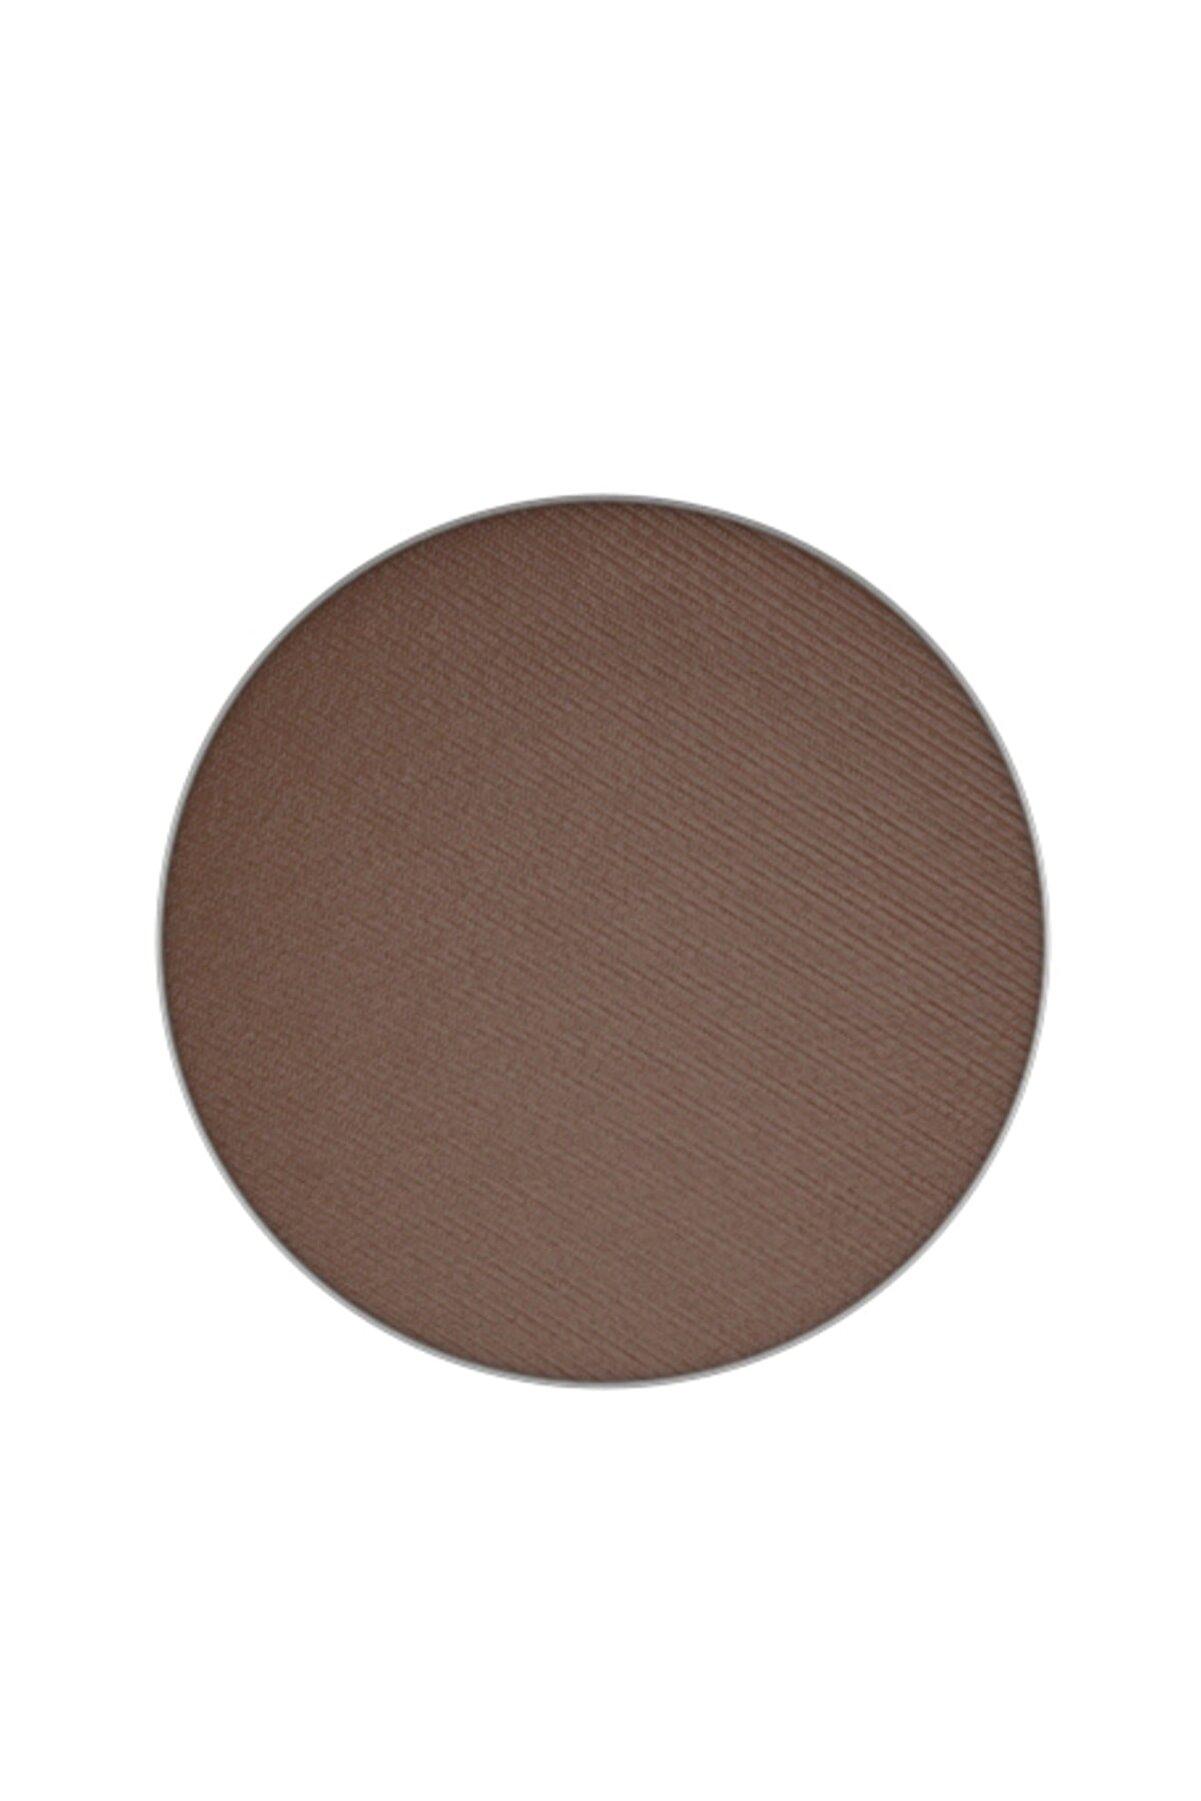 Mac Refill Far Brown Down 773602058129